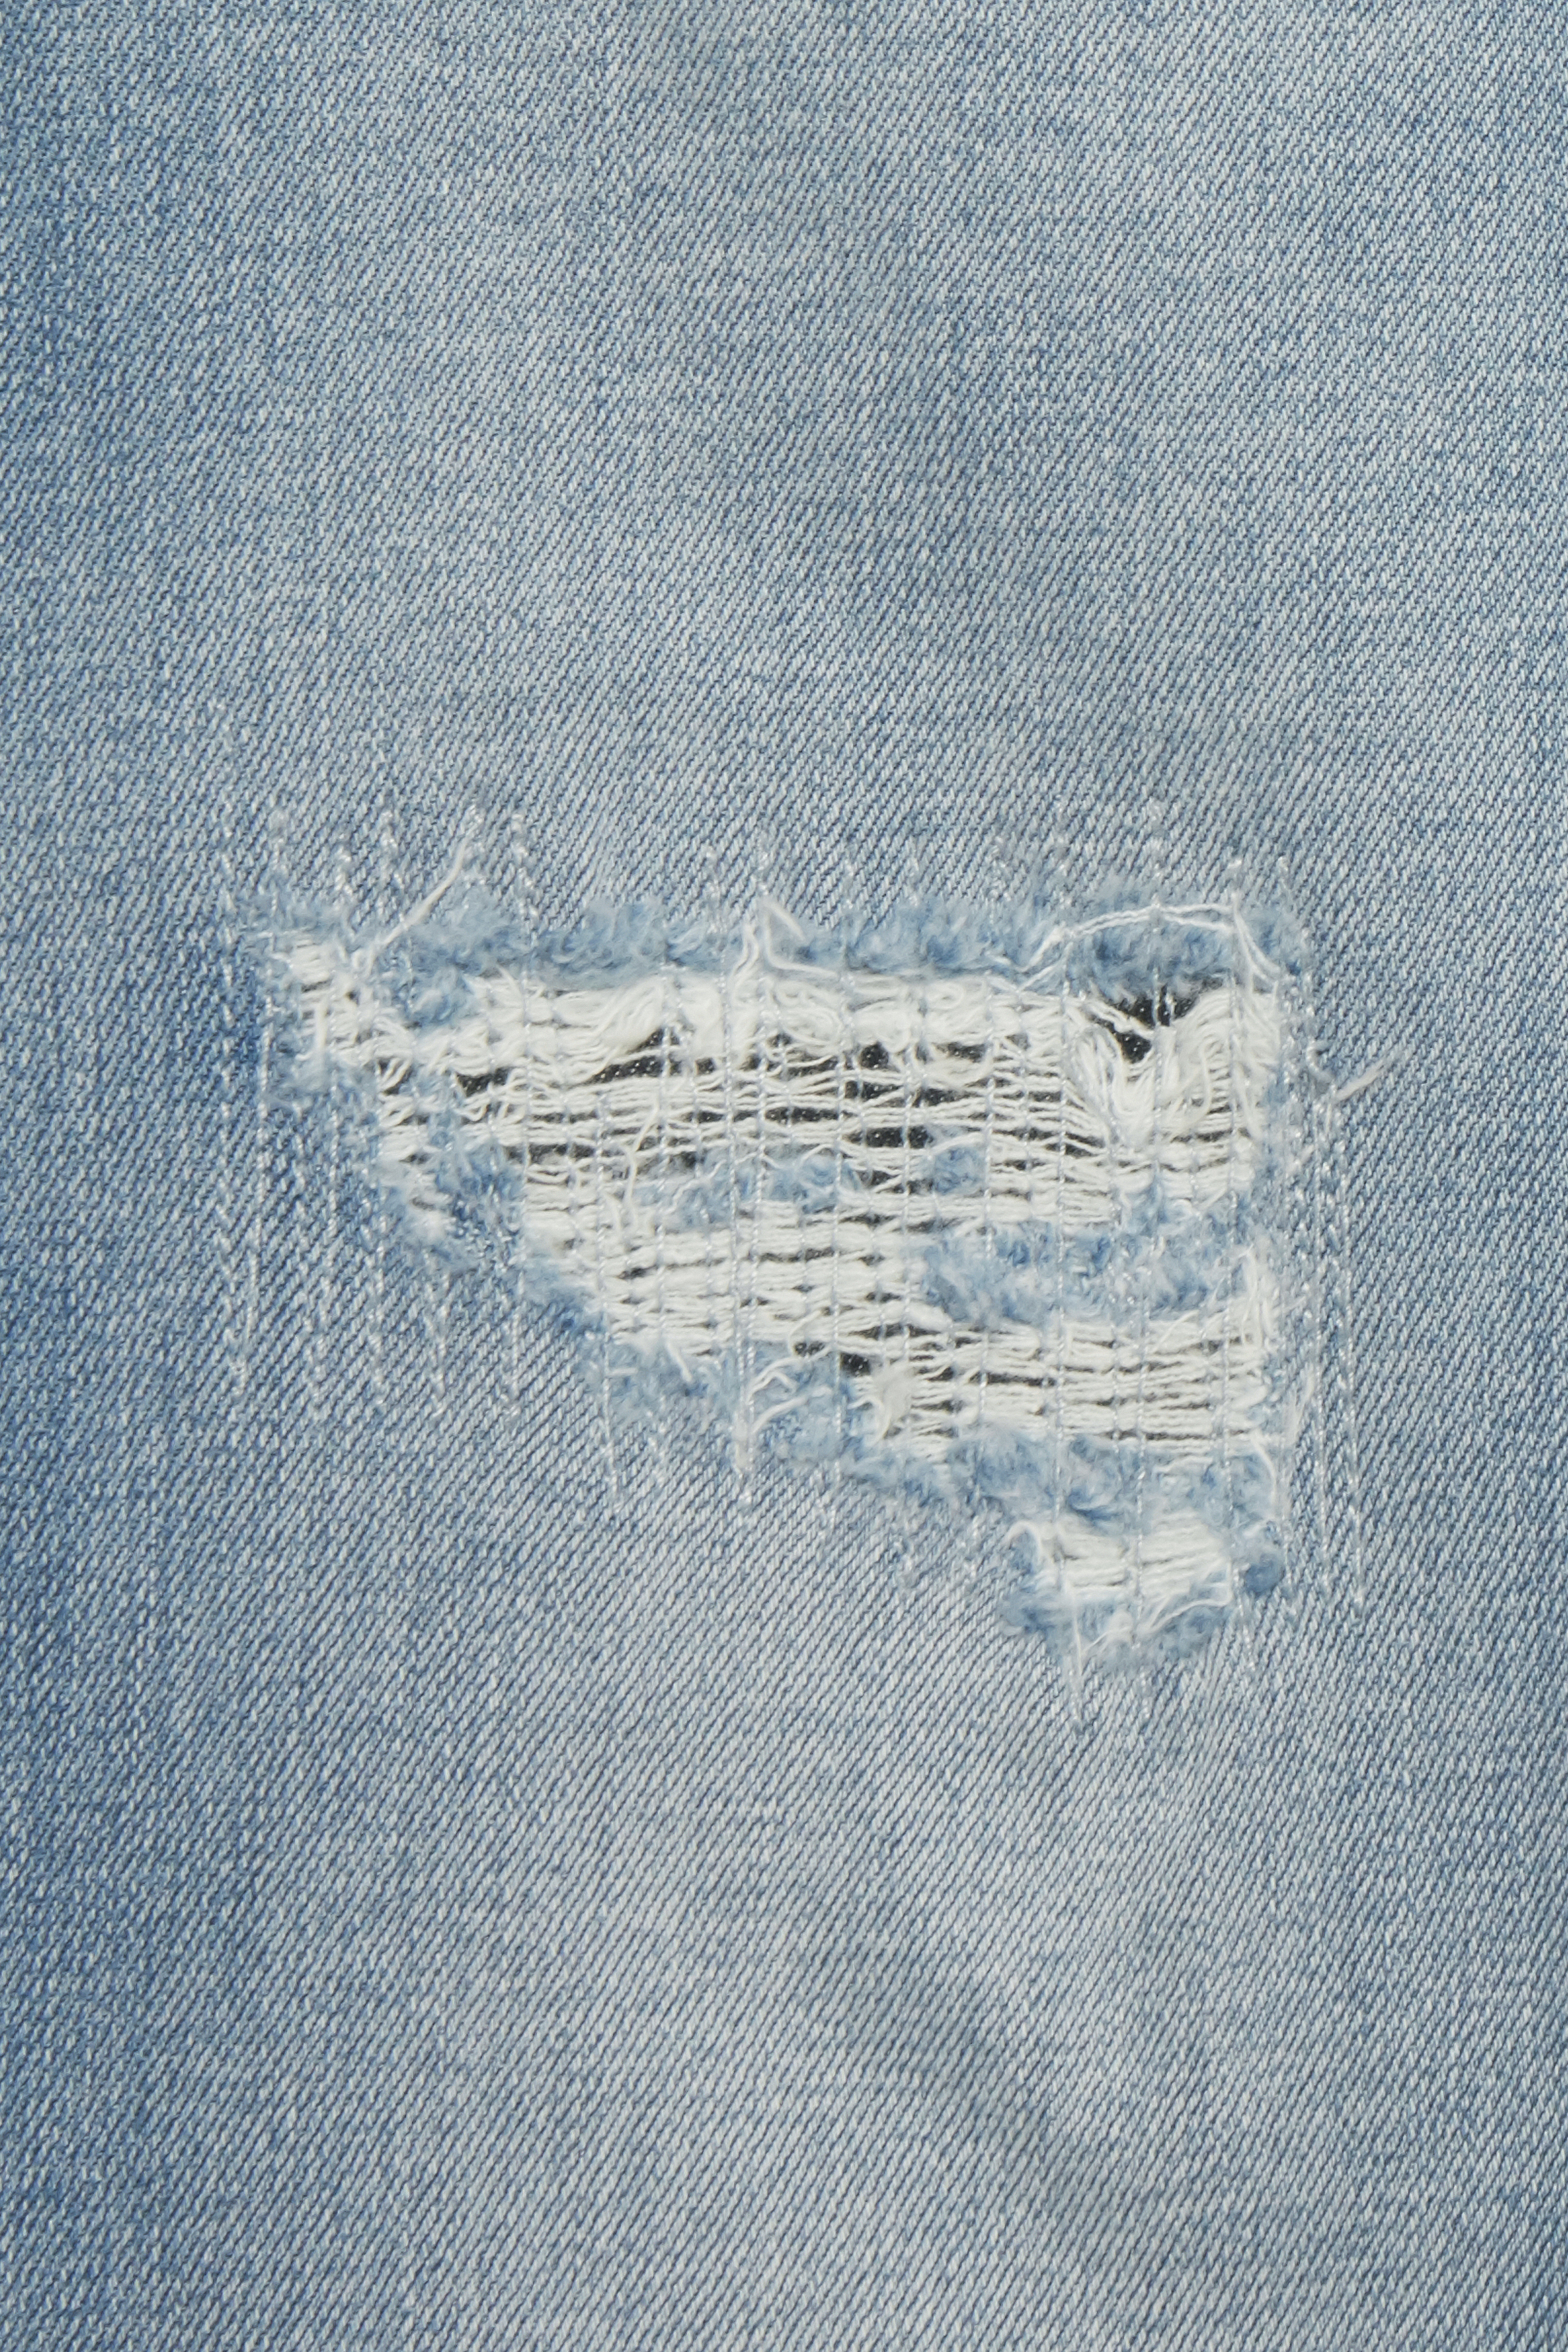 Hell denimblau Denim-Knöchelhose von b.young – Shoppen Sie Hell denimblau Denim-Knöchelhose ab Gr. 25-36 hier